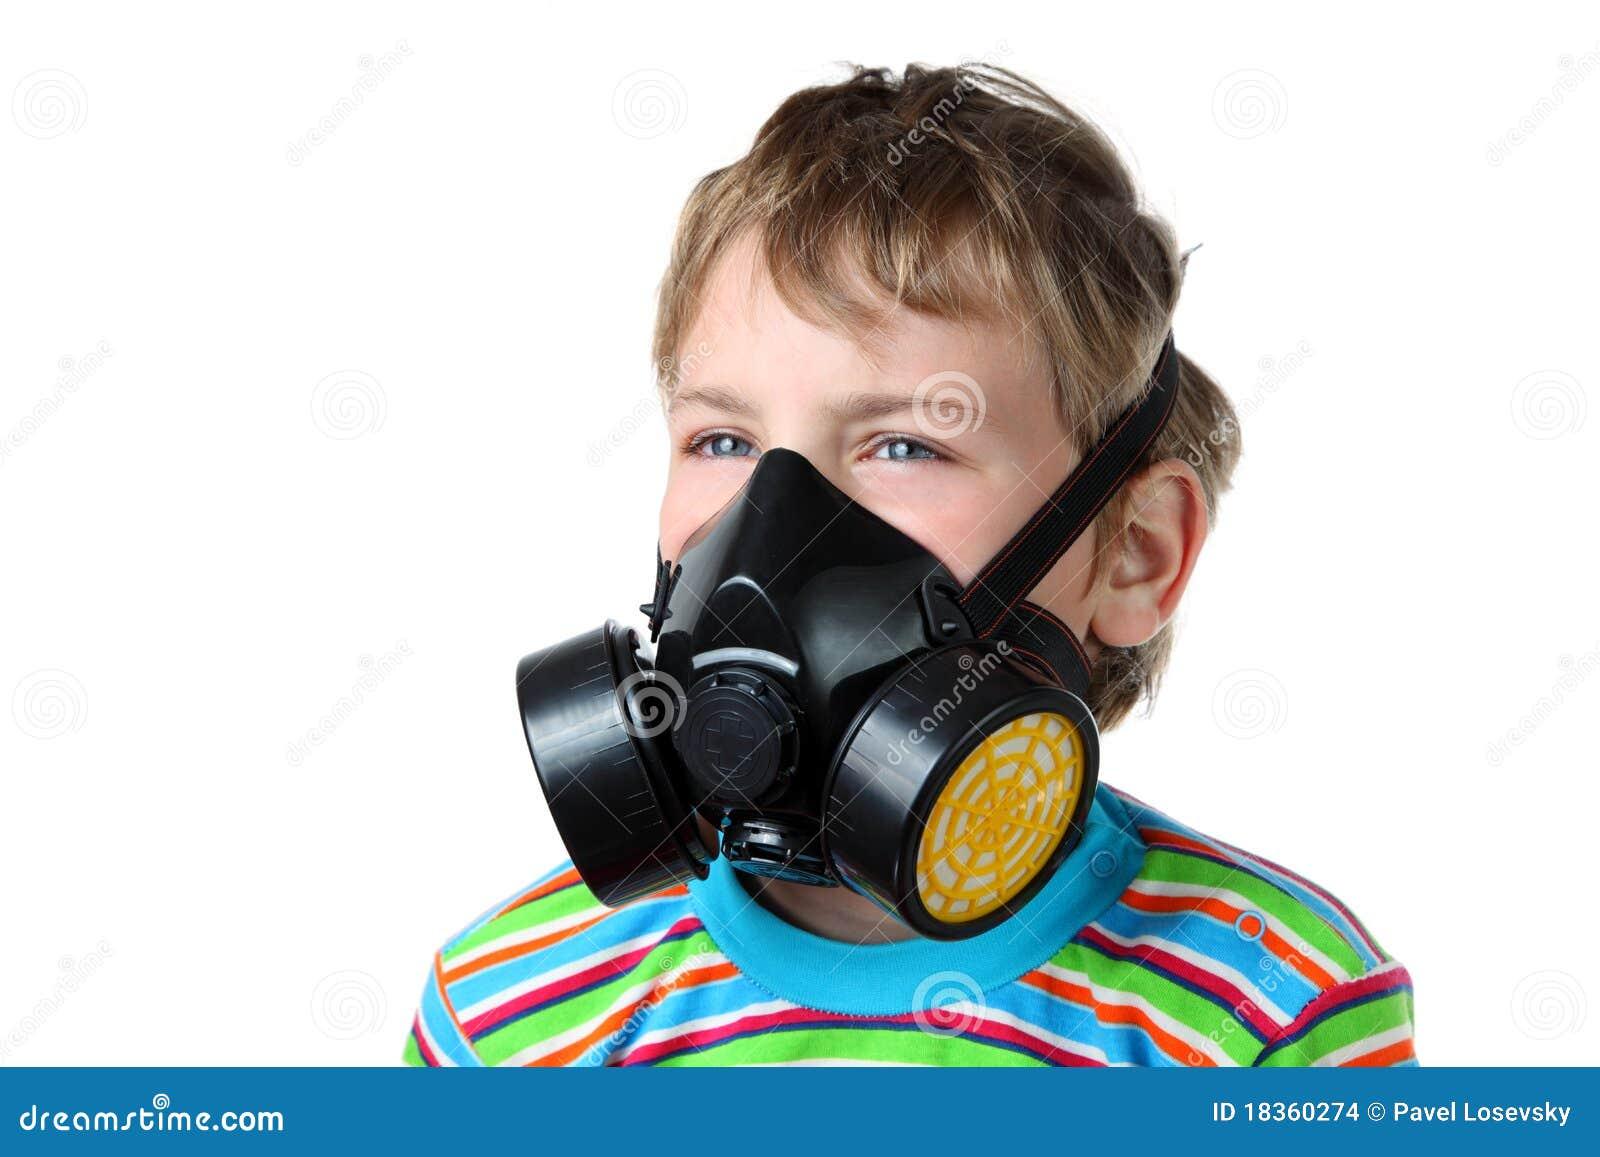 Regard de garçon vers dans le respirateur noir